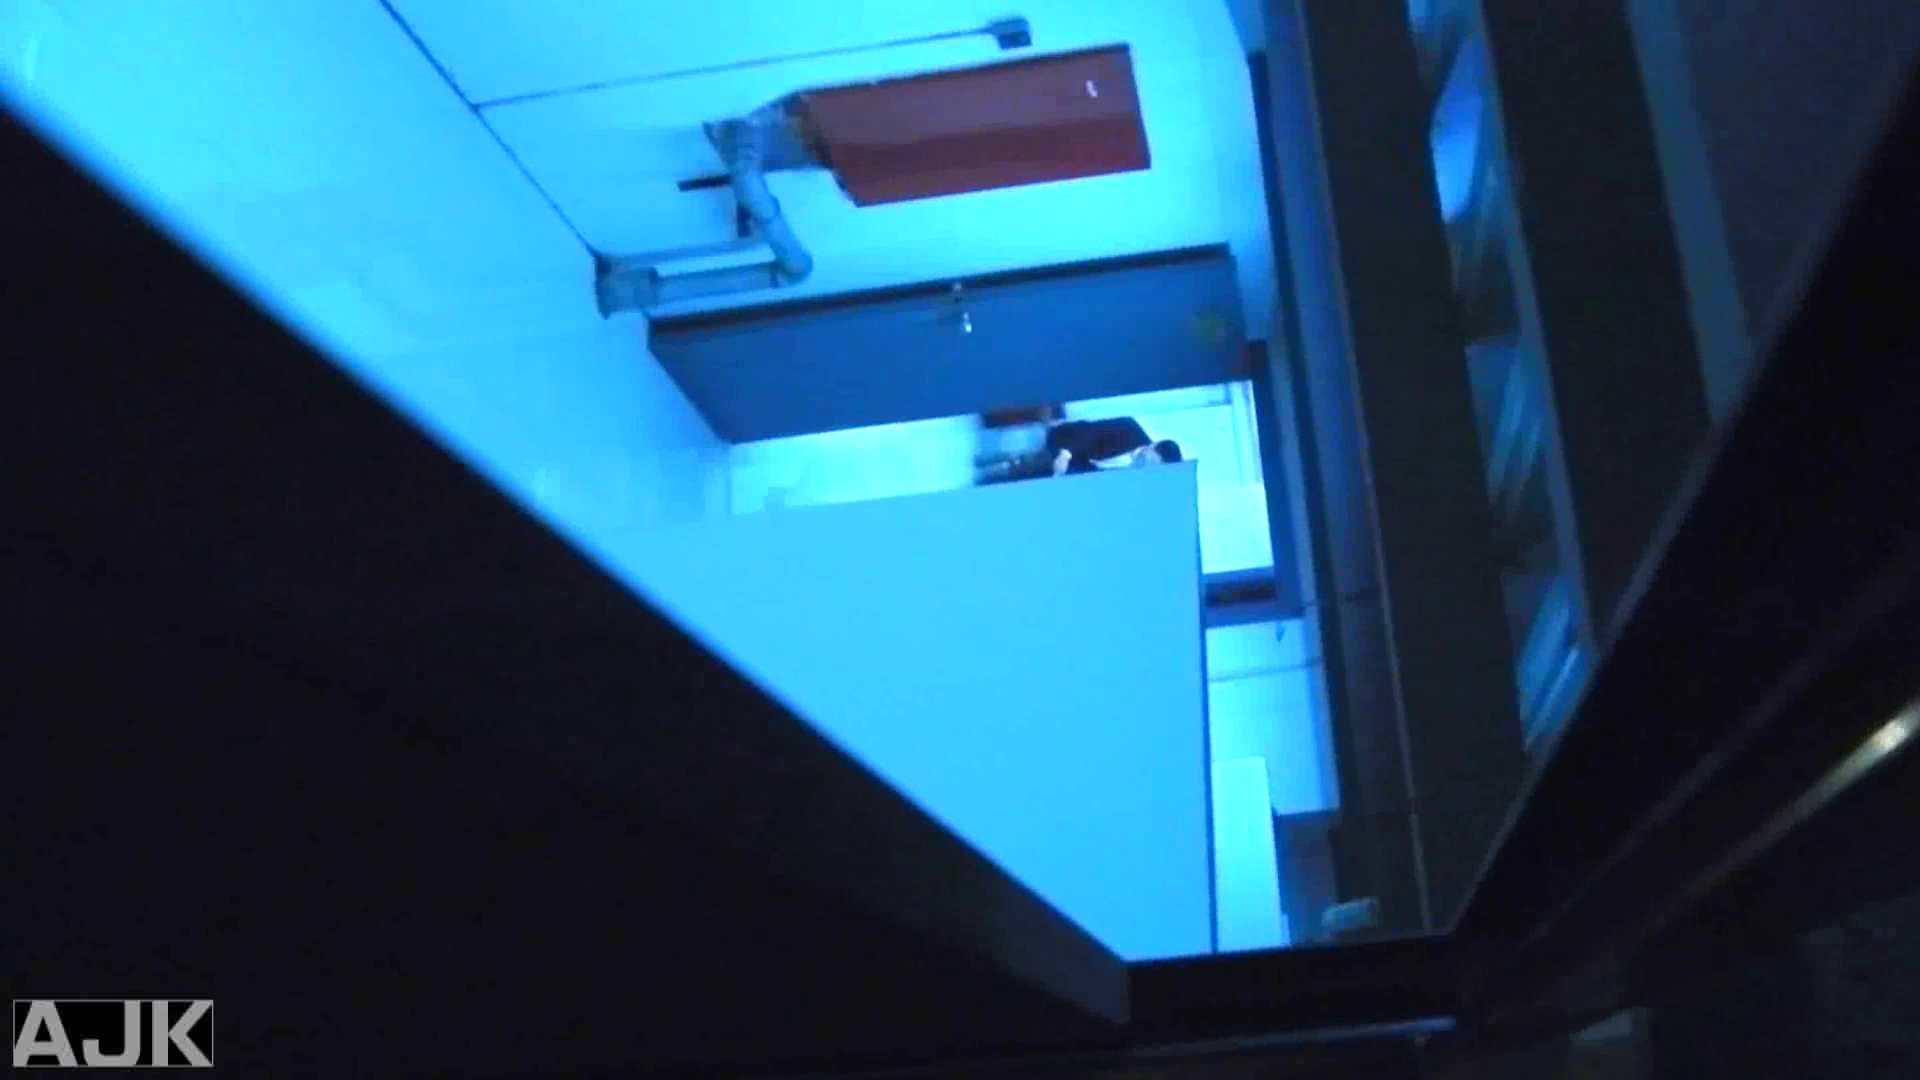 隣国上階級エリアの令嬢たちが集うデパートお手洗い Vol.12 洗面所のぞき AV無料動画キャプチャ 99枚 46